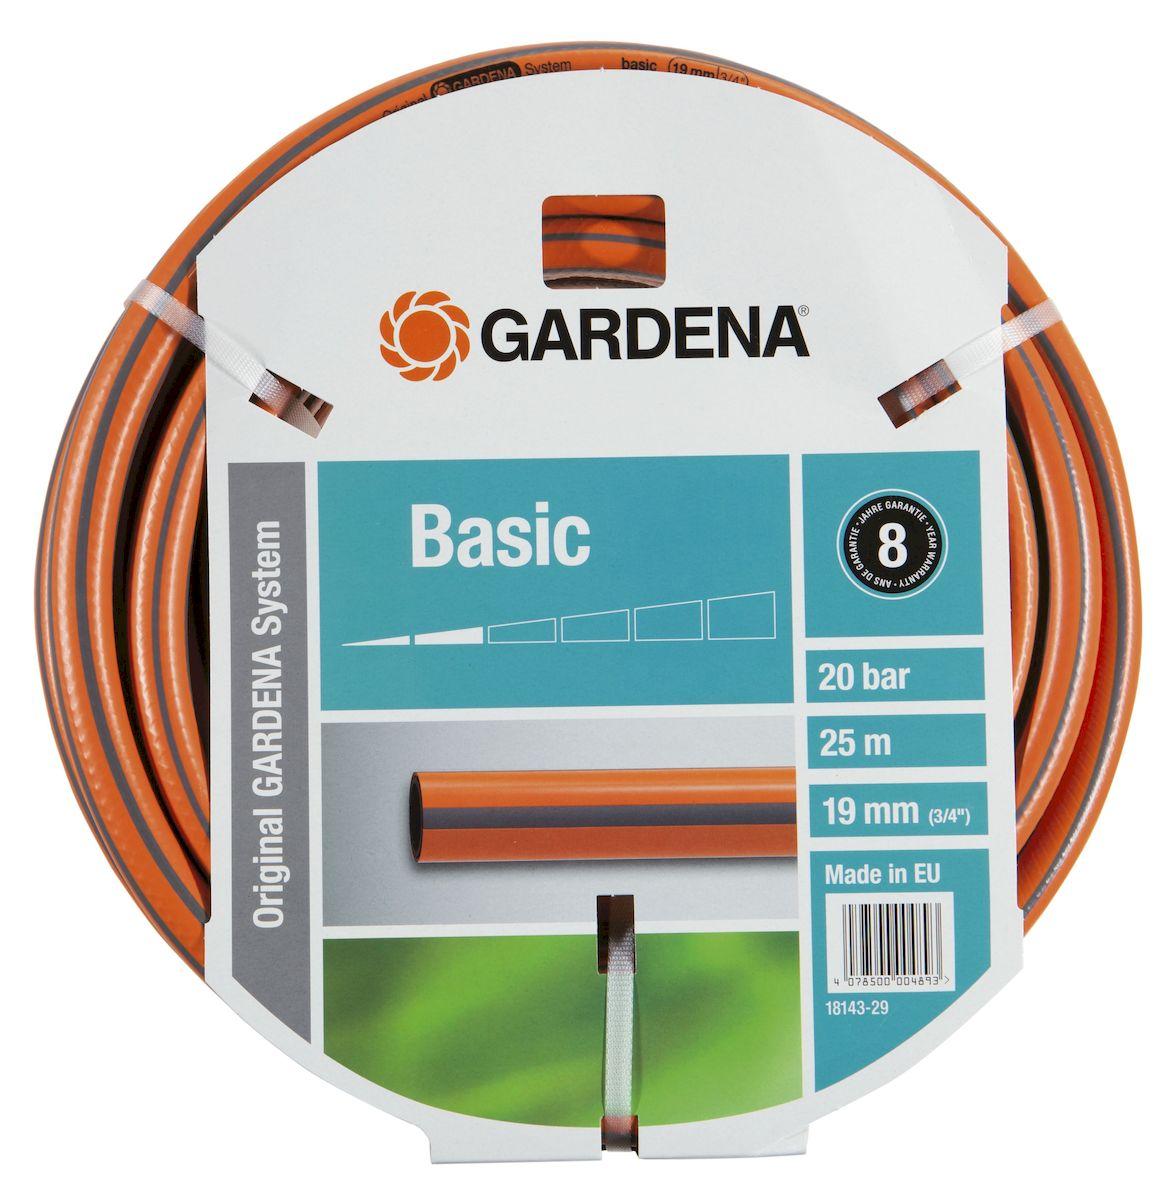 Шланг Gardena Basic, 19 мм (3/4) х 25 м97916771Шланг Gardena Basic, прекрасно сохраняет свою форму благодаря высококачественному текстильному армированию, отсутствуют фталаты и тяжелые металлы, невосприимчив к УФ-излучению. Шланг не перегибается, не спутывается, не перекручивается, благодаря спиралевидному текстильному армированию, усиленному углеродными волокнами. Шланг Gardena Basic оптимально сочетается с компонентами базовой системы полива. Идеально подходит для умеренной интенсивности использования. Шланг Gardena Classic выполнен из высококачественного ПВХ и выдерживает давление до 22 бар. Толстые стенки шланга и высококачественные материалы обеспечивают длительный срок службы.